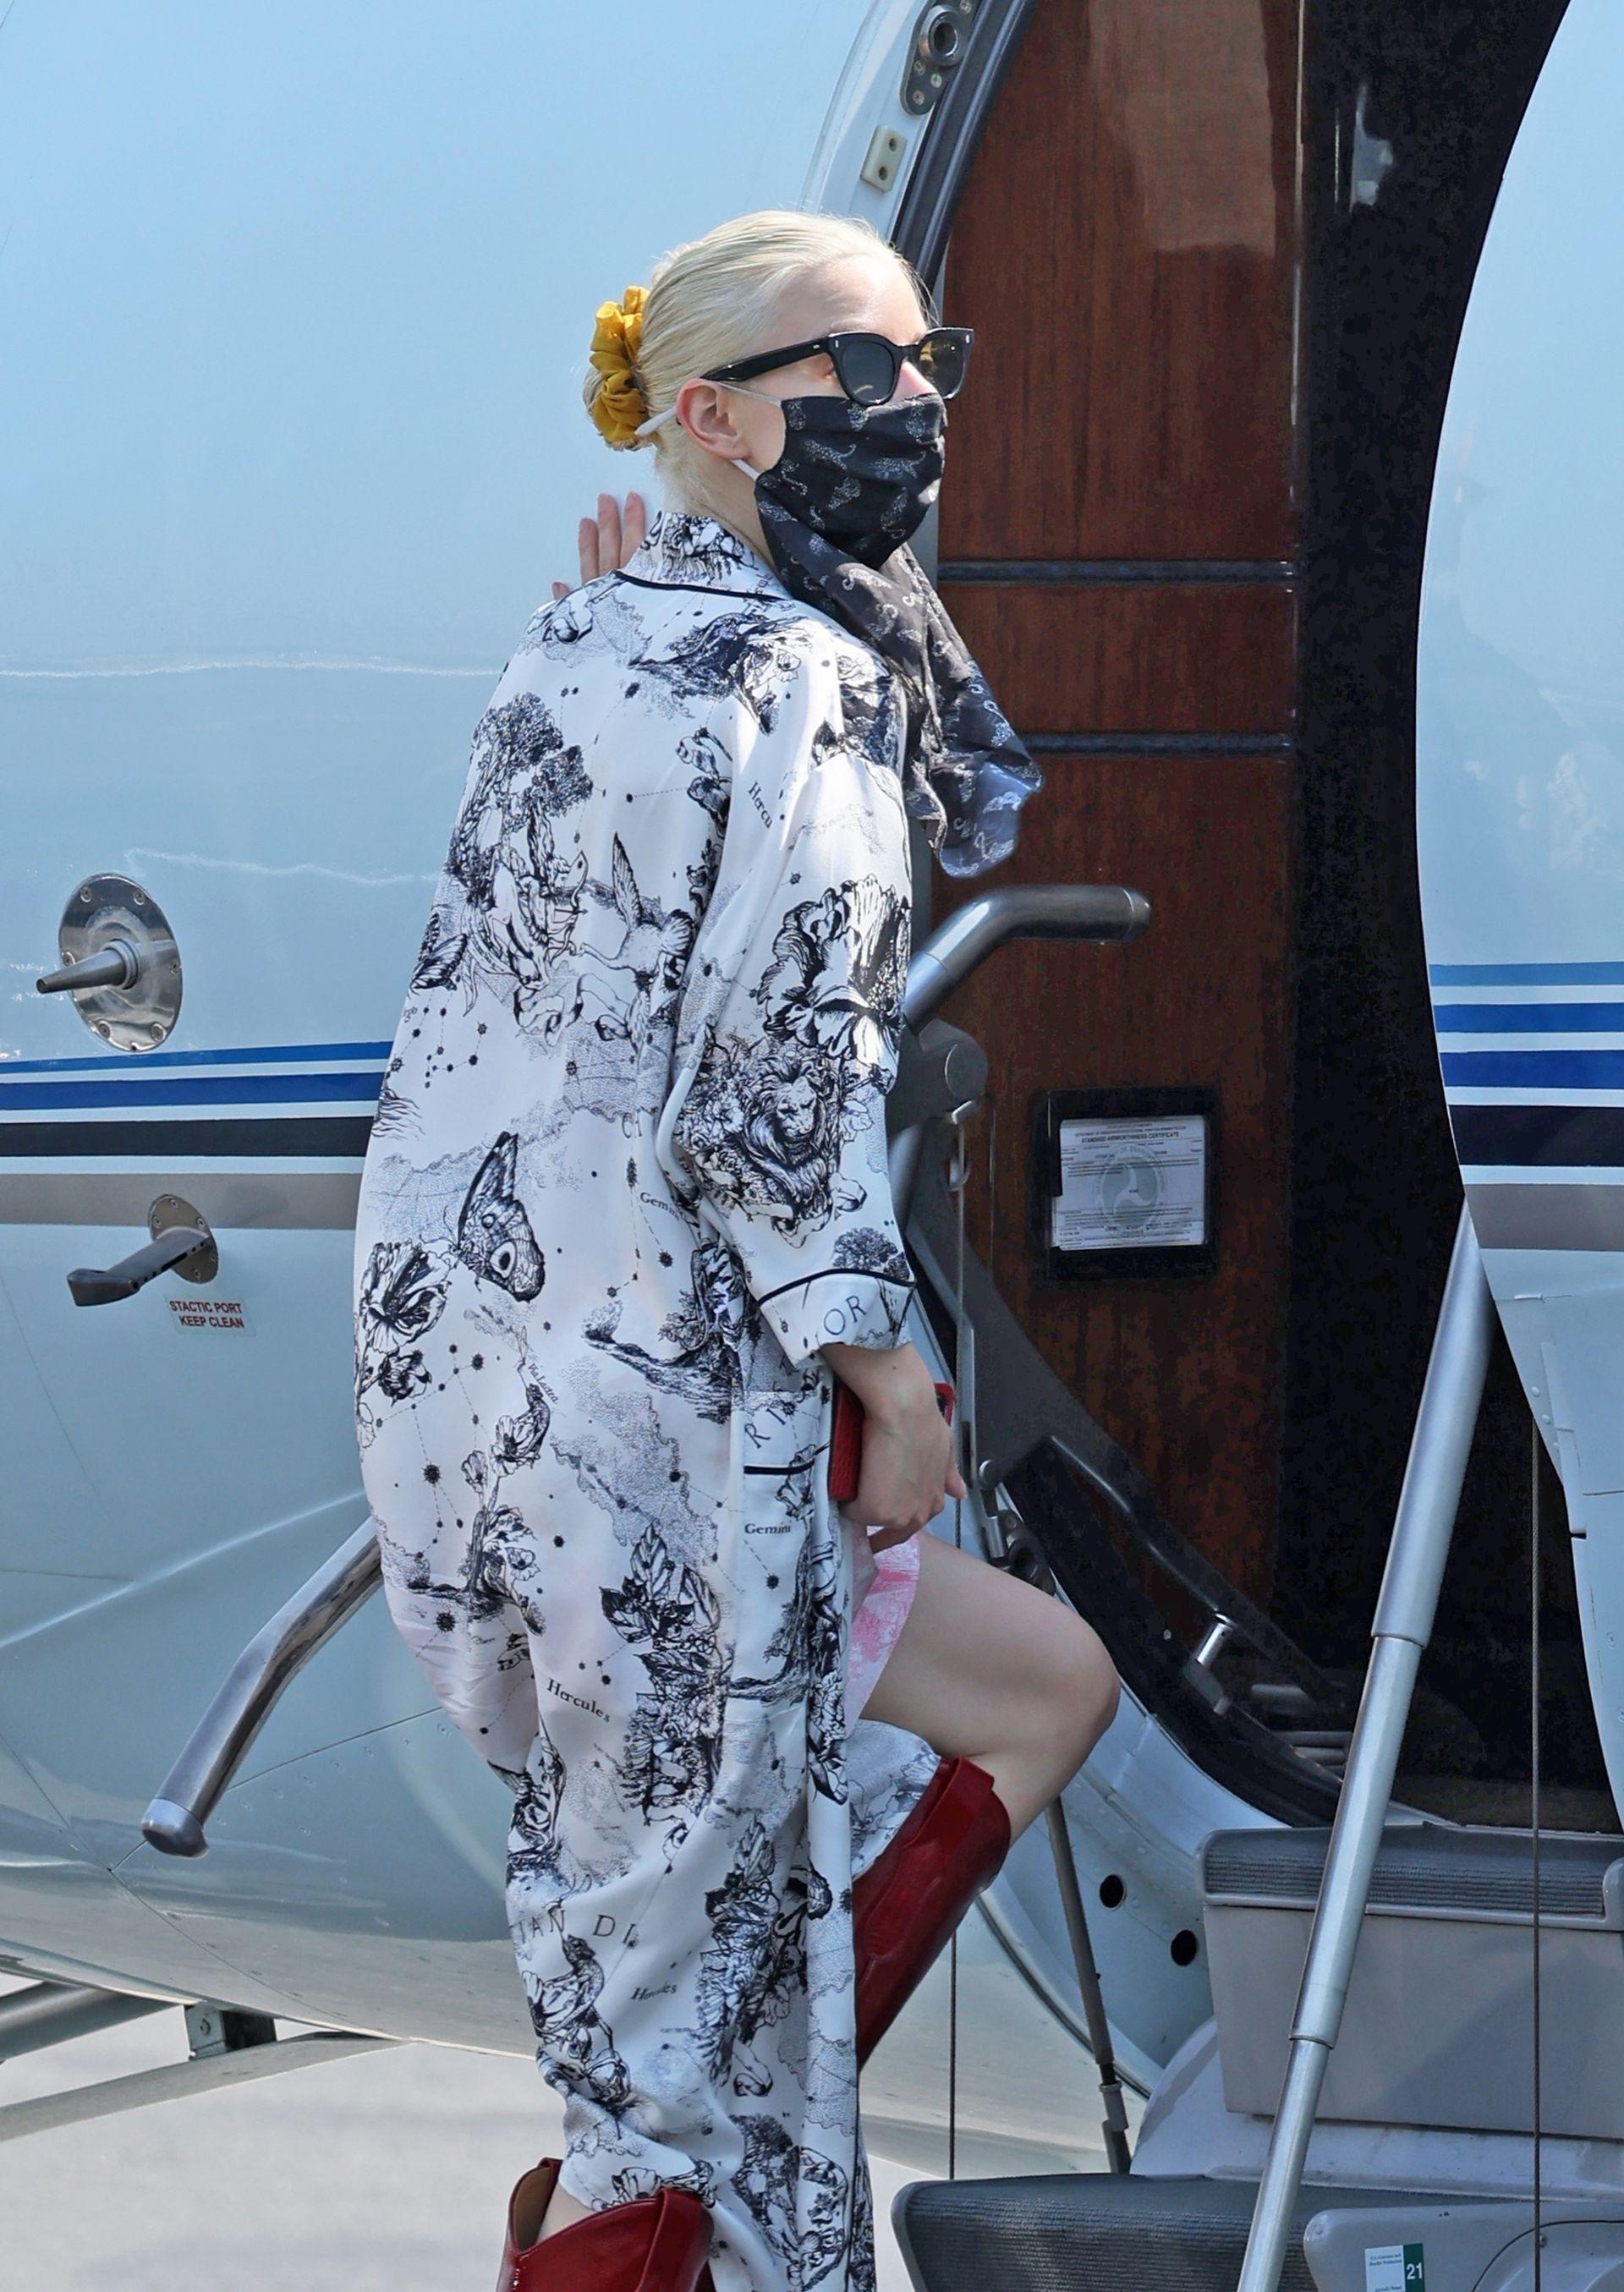 Pisa fuerte. Después de los Emmy, Anya Taylor-Joy se tomó un jet privado en el aeropuerto de Van Nuys (Los Ángeles) para seguir cumpliendo con su apretada agenda laboral en otro destino